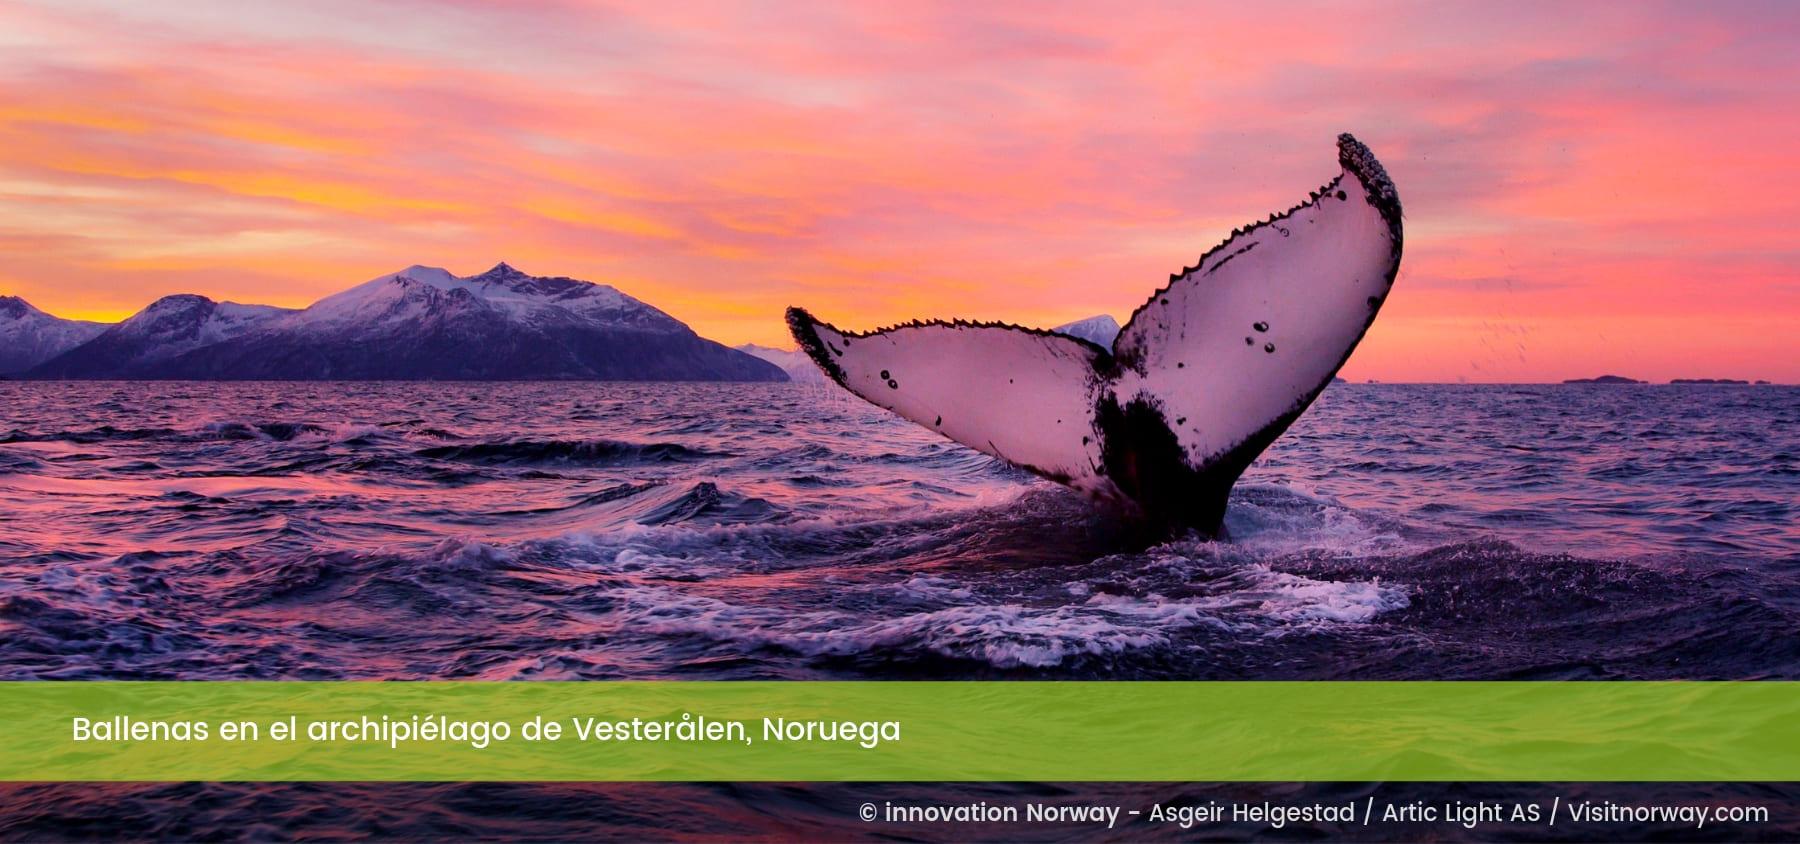 Ballenas en el archipiélago de Vesteralen, Noruega